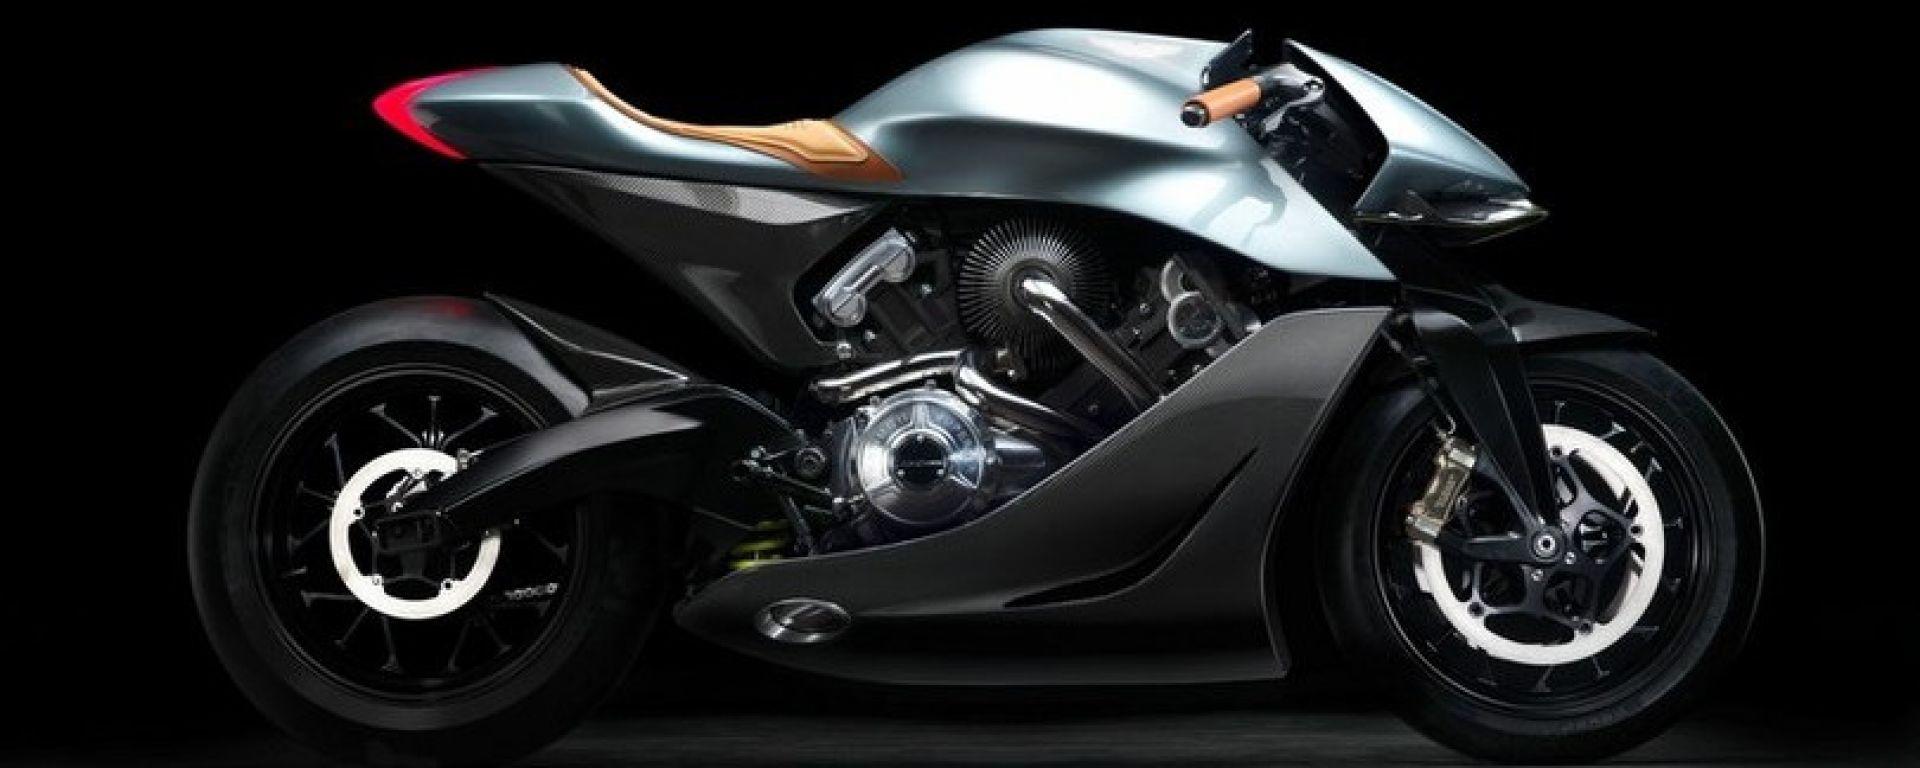 Brough Superior AMB-001, la moto di Aston Martin